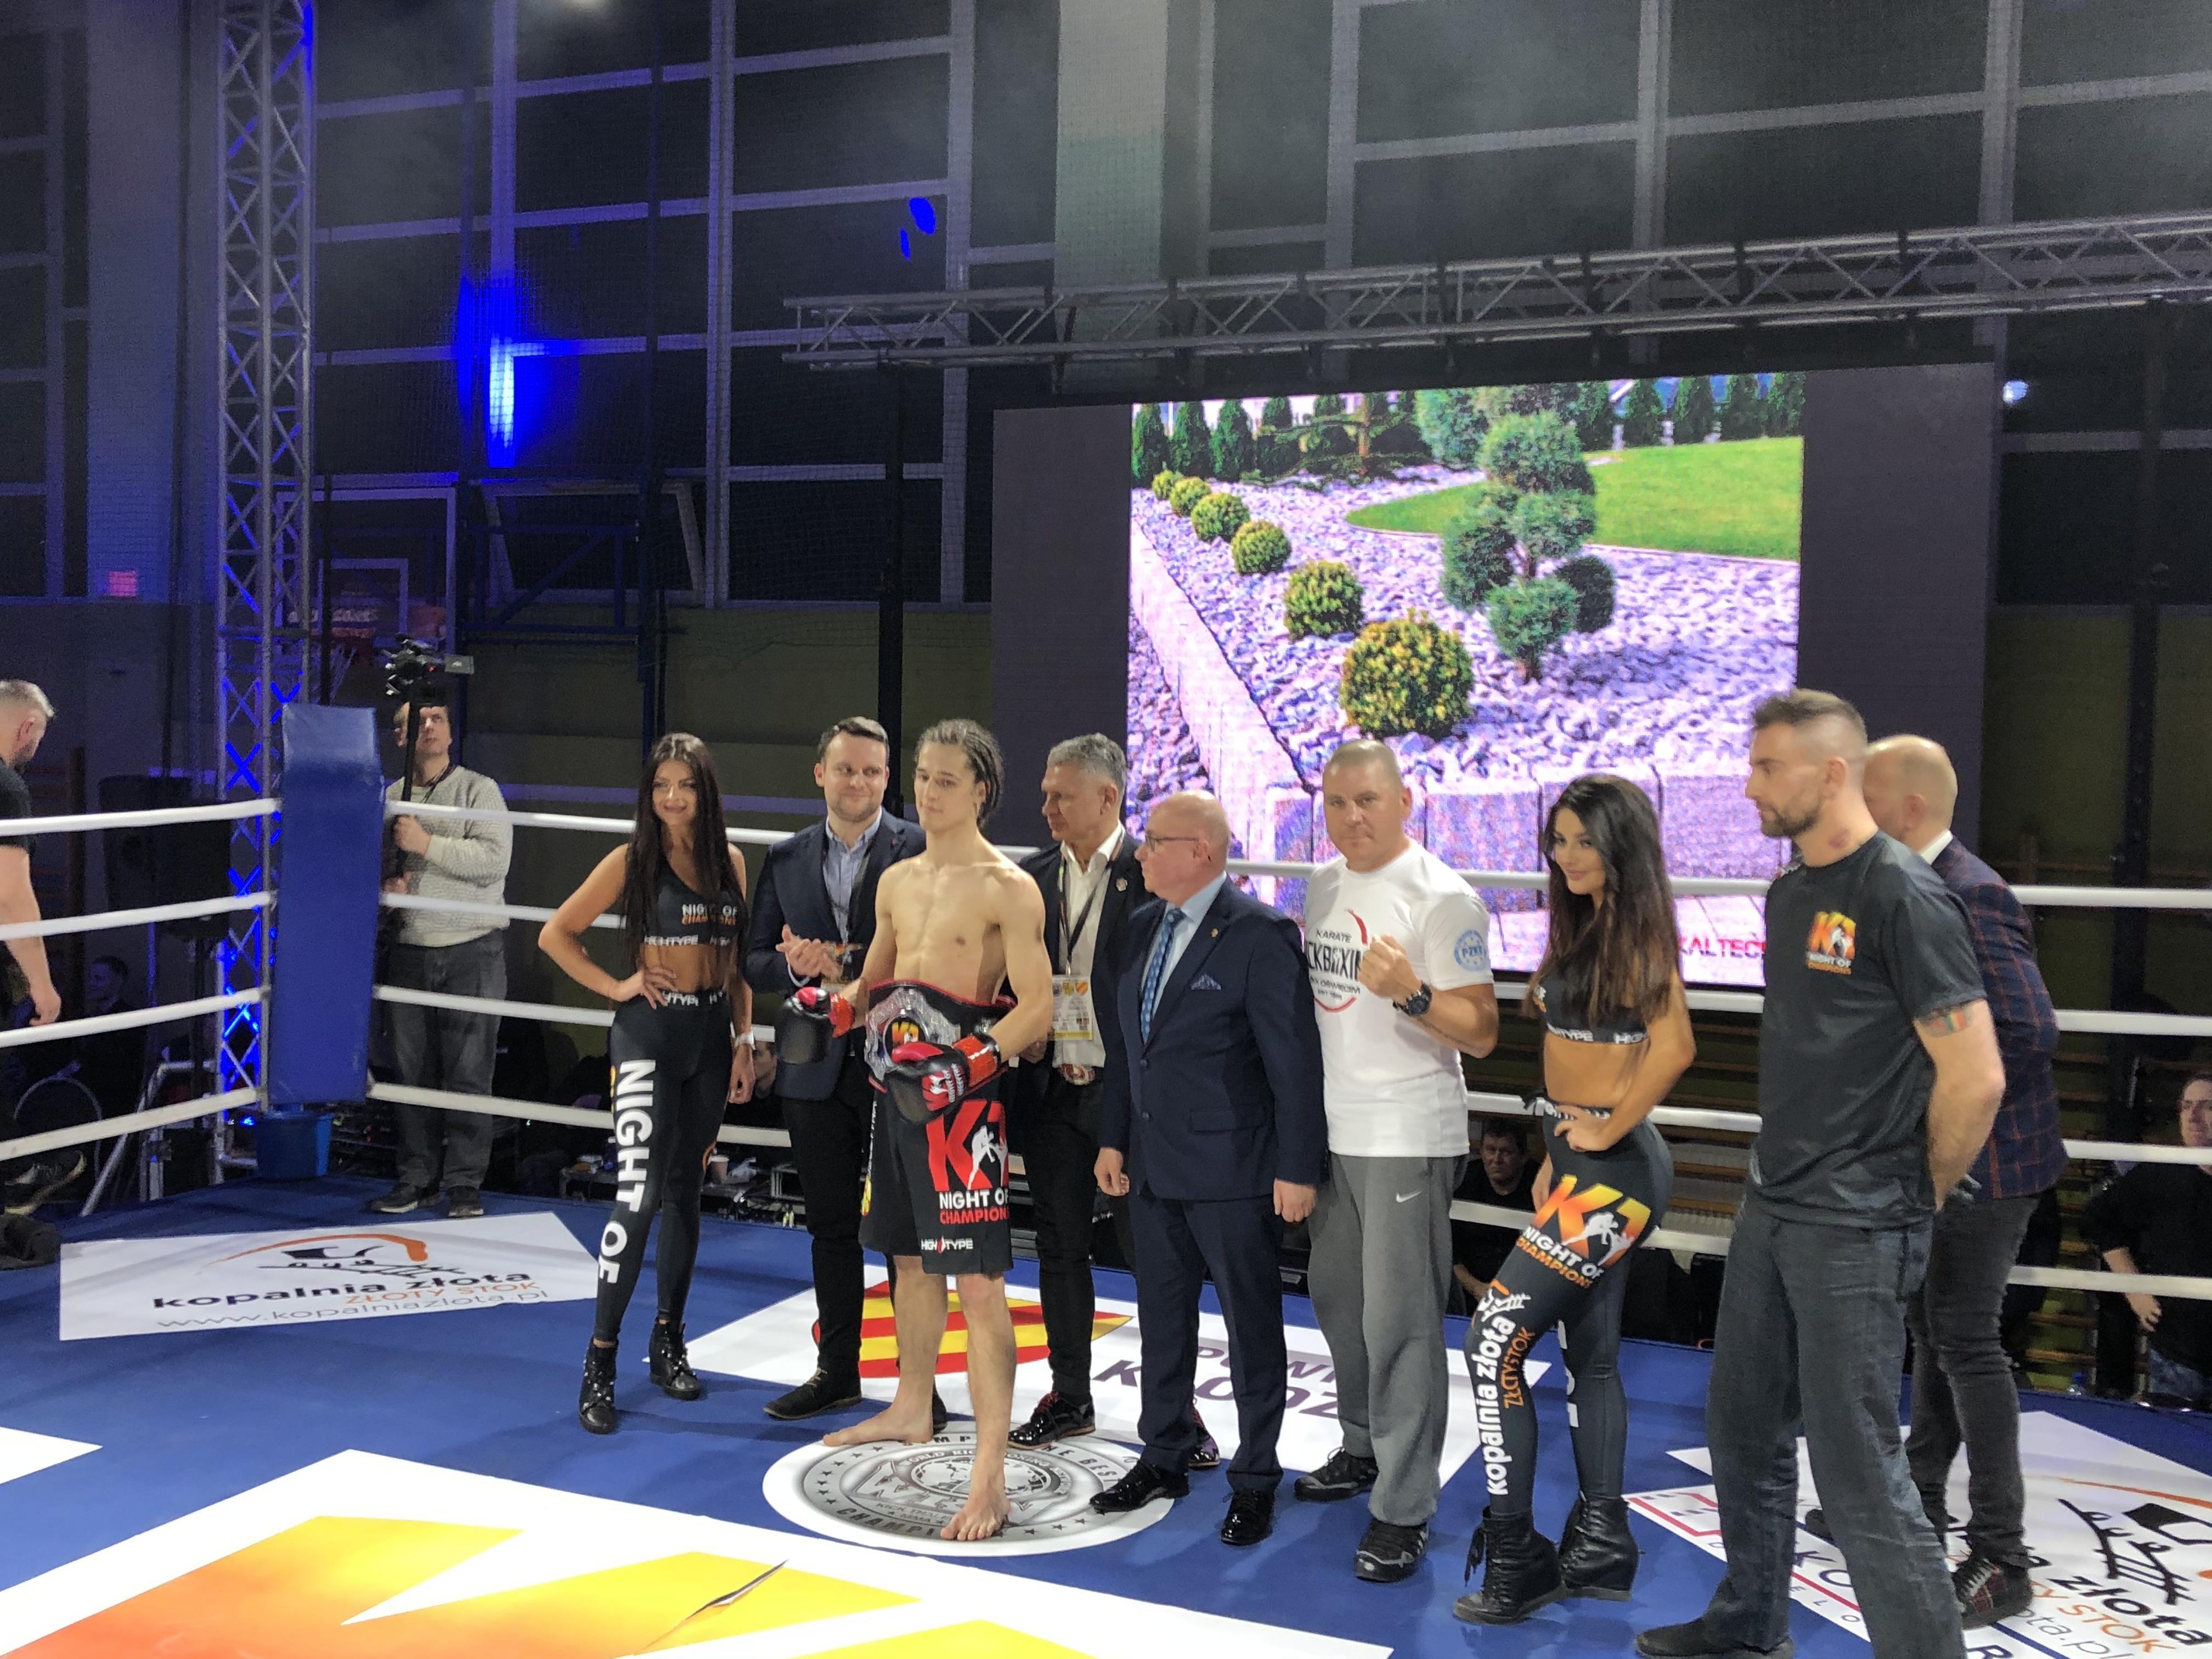 """Oświęcimscy kick-boxerzy pokazali się z bardzo dobrej strony podczas międzynarodowej zawodowej gali """"Night Of Champion"""". Fot. zbiory OKK/nadesłane"""